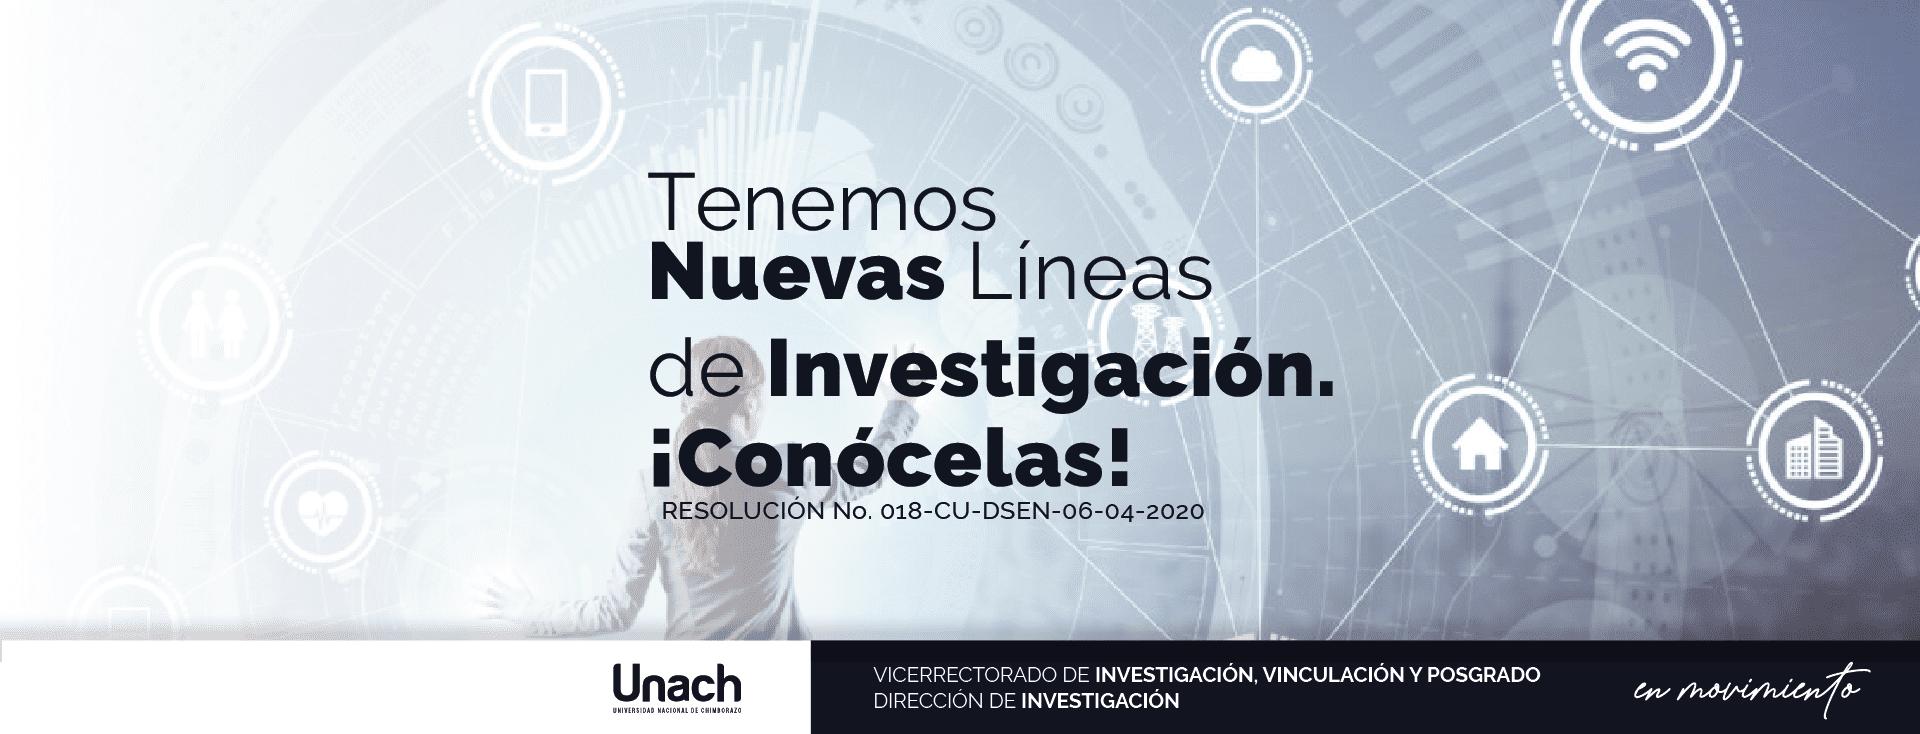 NUEVAS LINEAS DE INVESTIGACIÓN